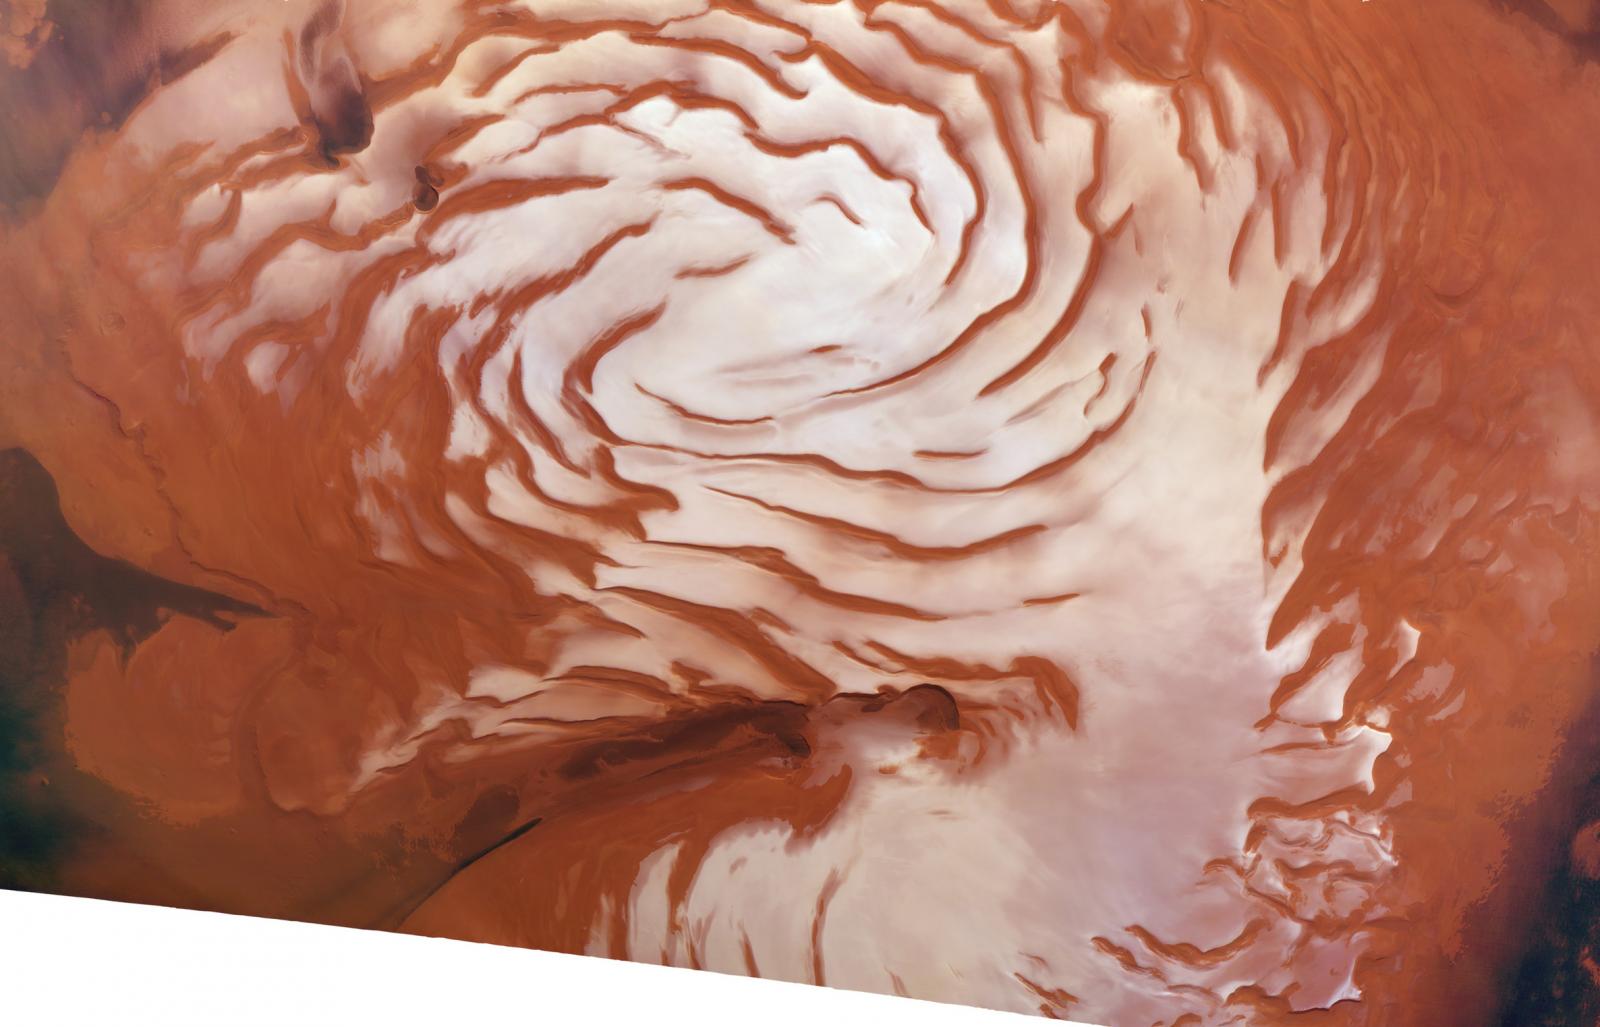 Mars north pole